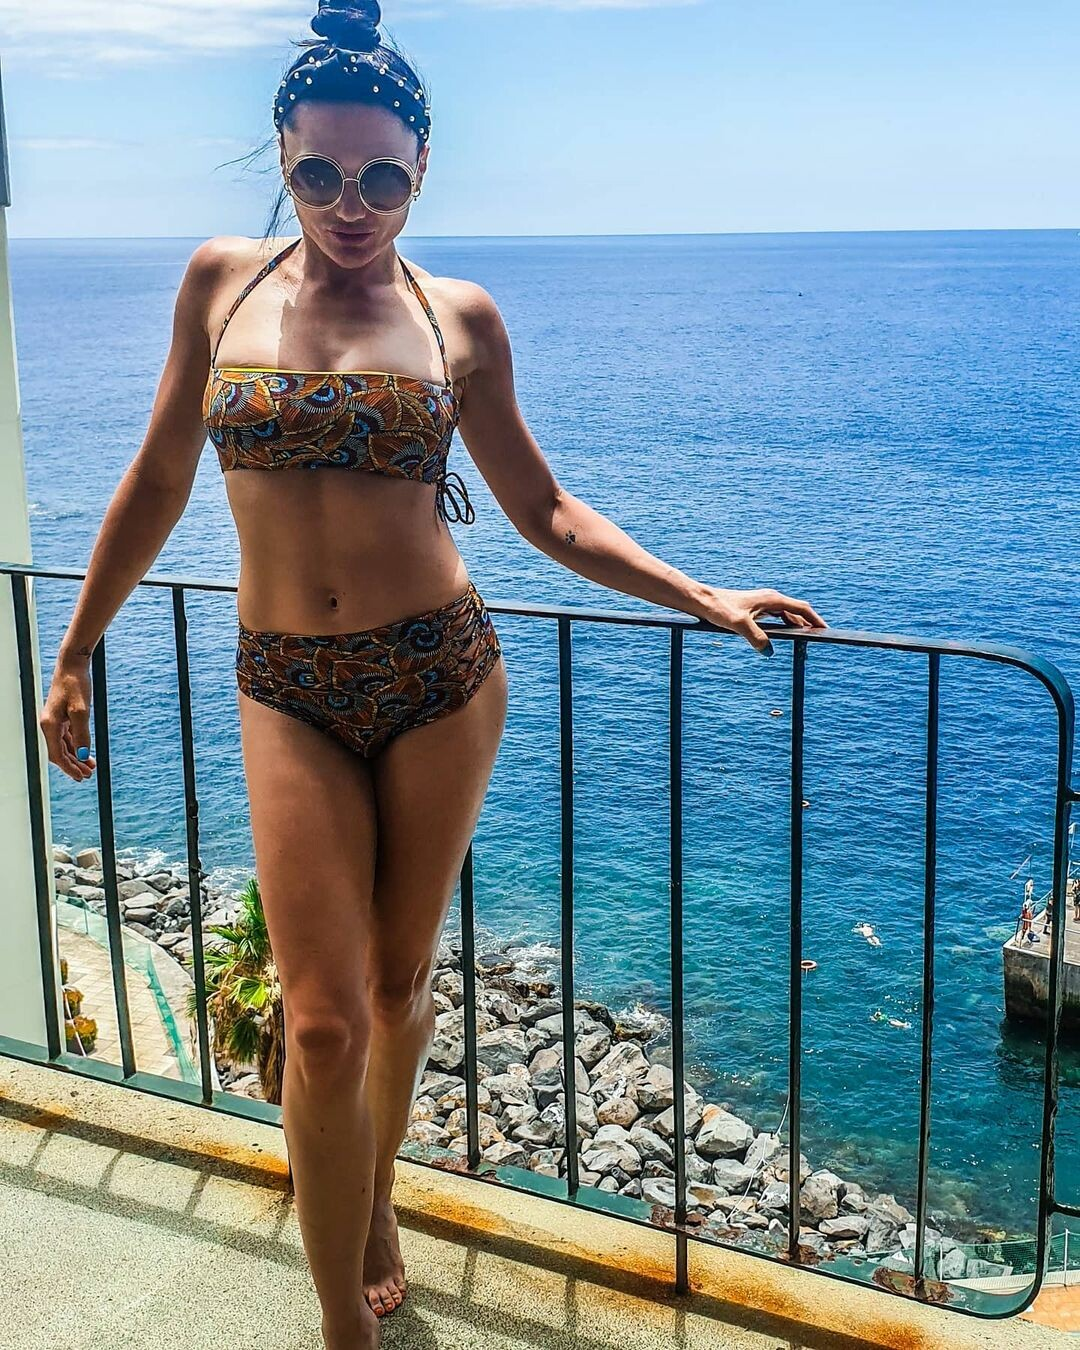 """Самый сексуальный узелок женского бокса: """"развязное"""" фото польской модели Playboy"""